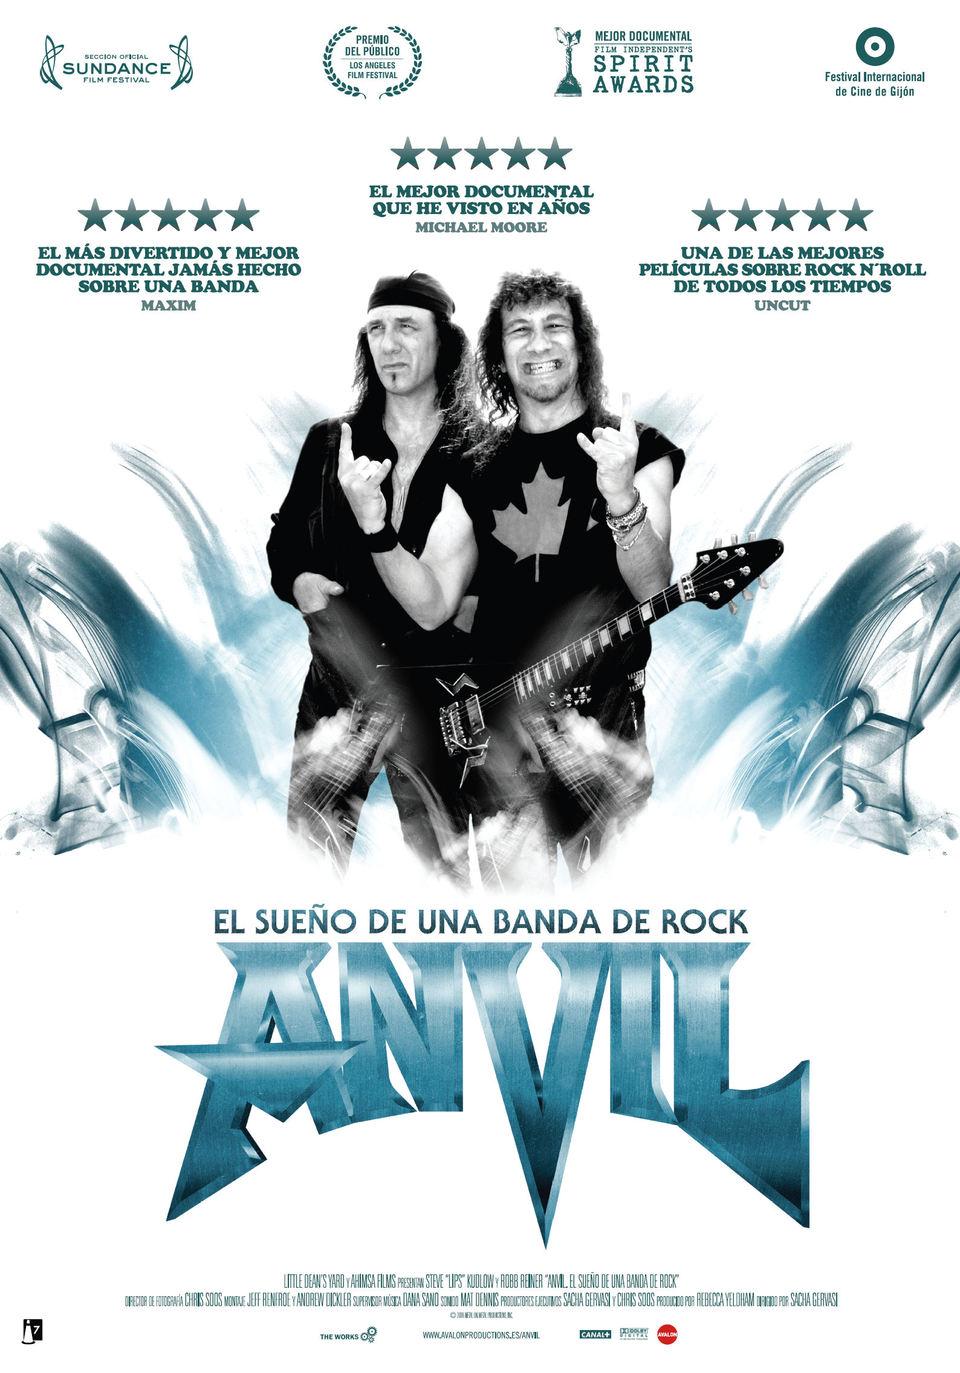 http://3.bp.blogspot.com/_cNzqA2wbY5E/TDWfQRVu84I/AAAAAAAAFLE/a5lUuT2vBvI/s1600/001-anvil-el-sueno-de-una-banda-de-rock-espana.jpg